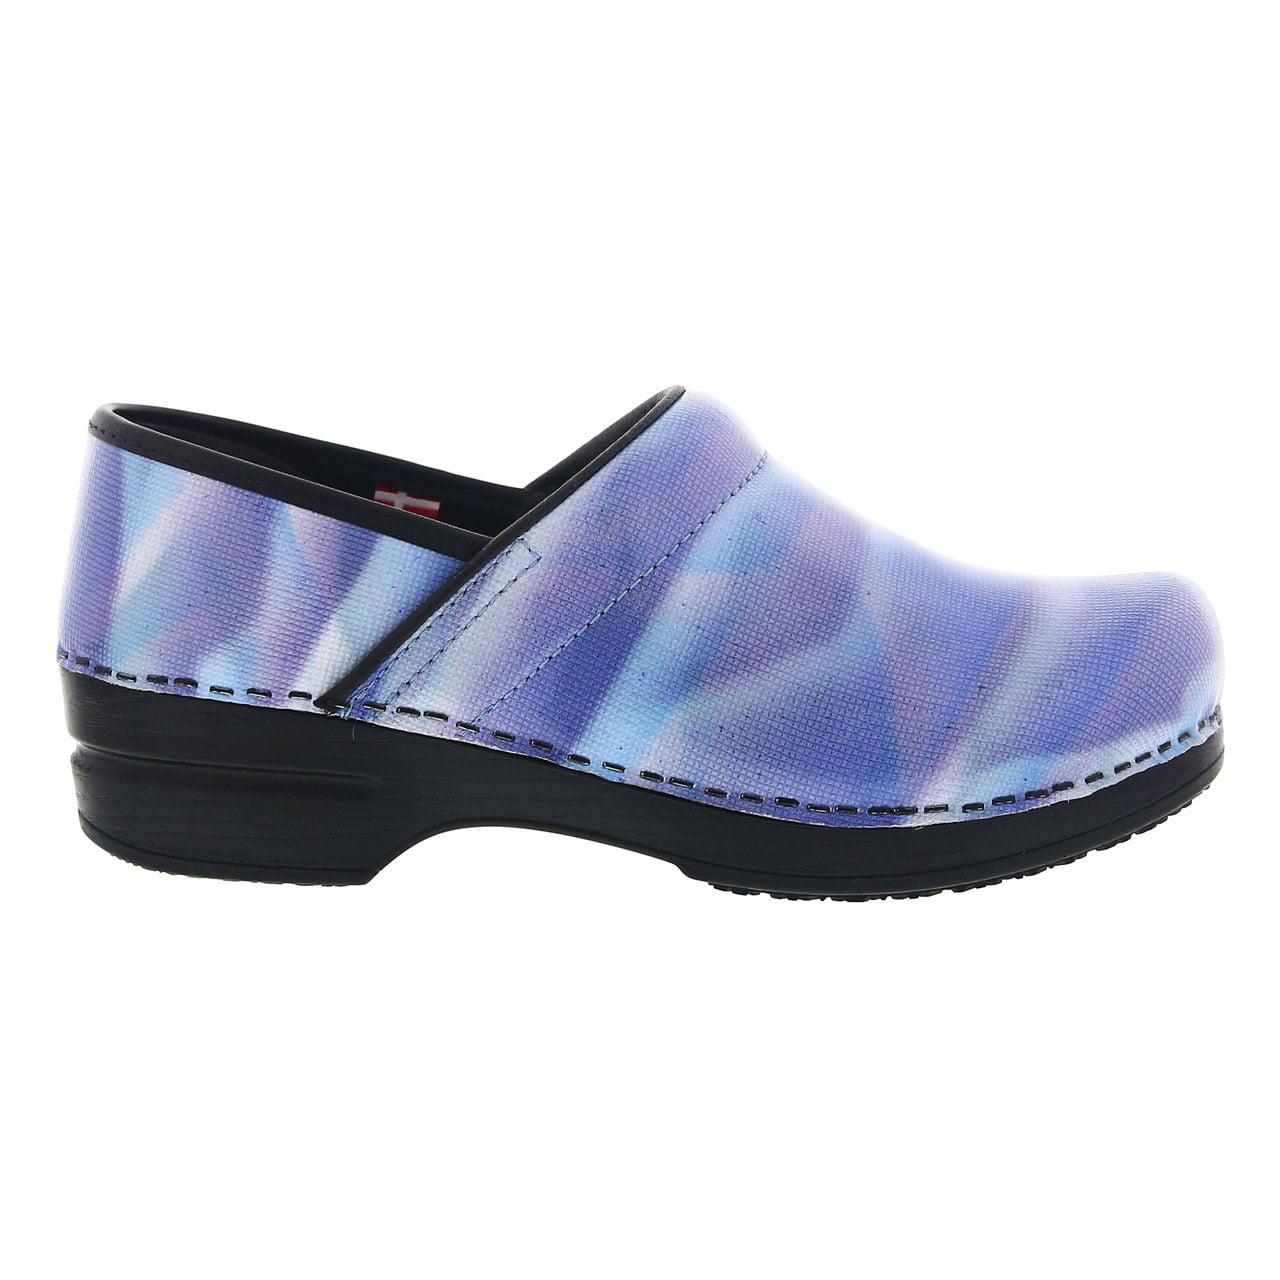 PROFESSIONAL SMARTSTEP Sky-37/Medium Economical, stylish, and eye-catching shoes